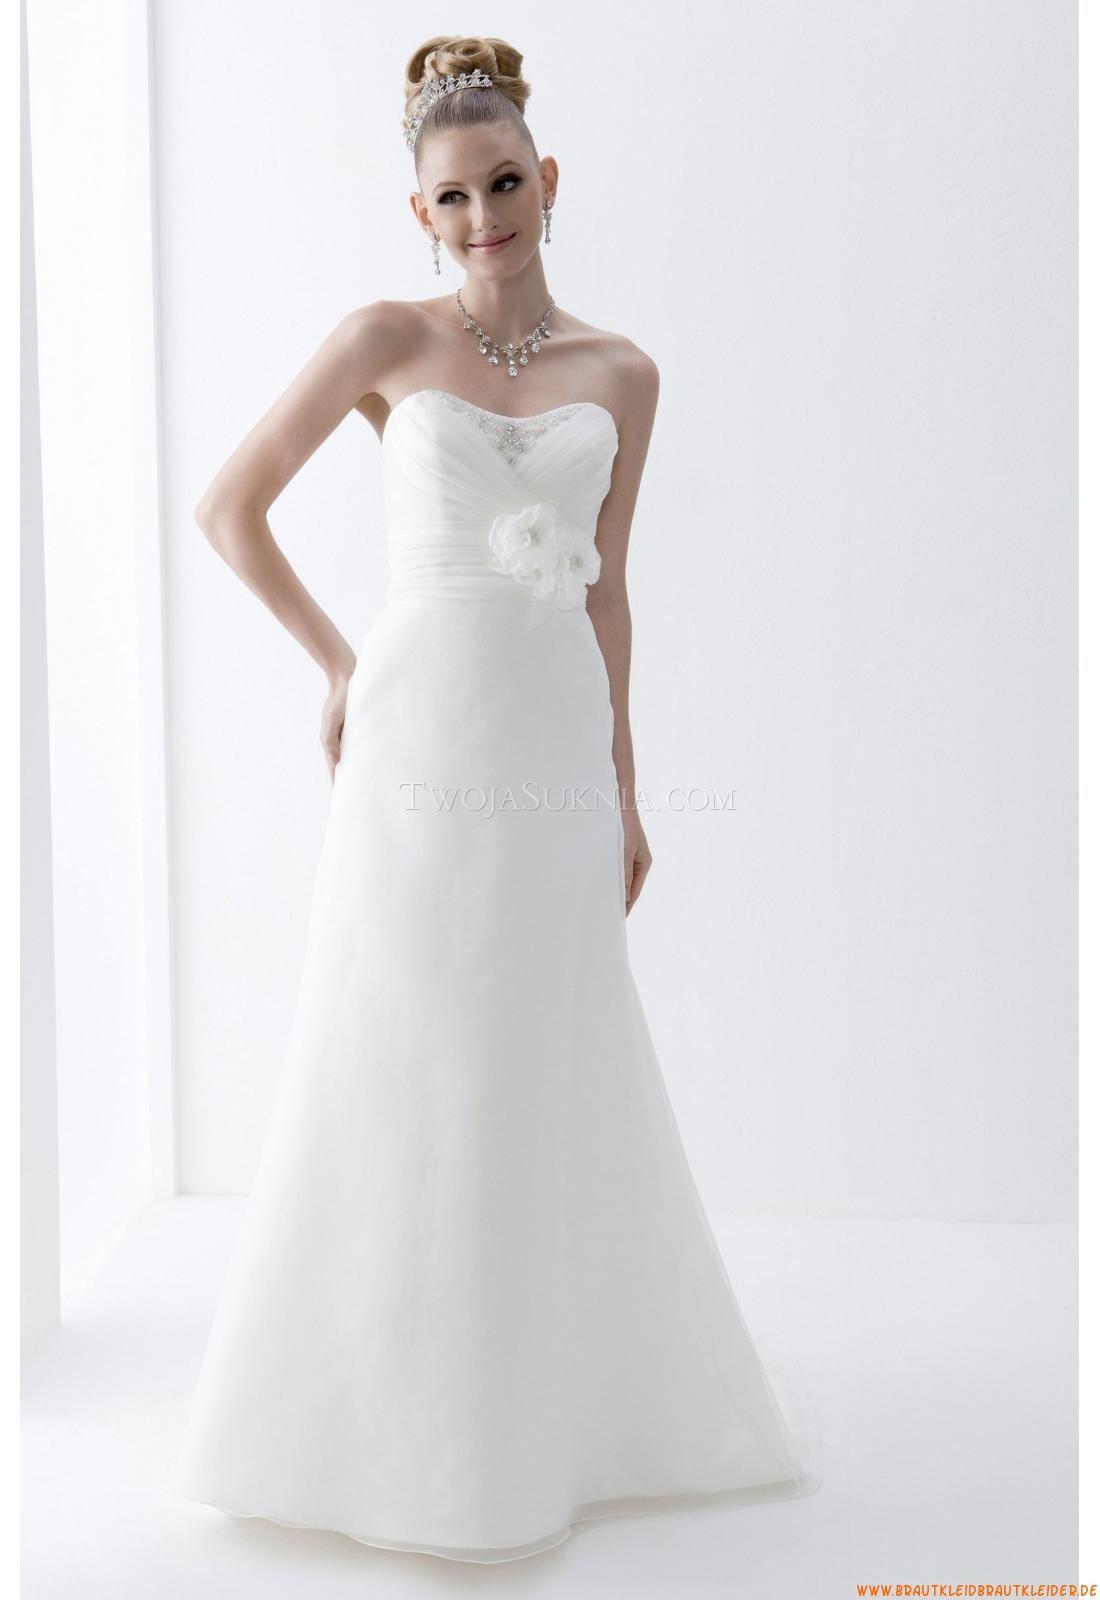 Halbe Ärmel Günstige Brautkleider | Schönste Luxuriöse Brautkleider ...